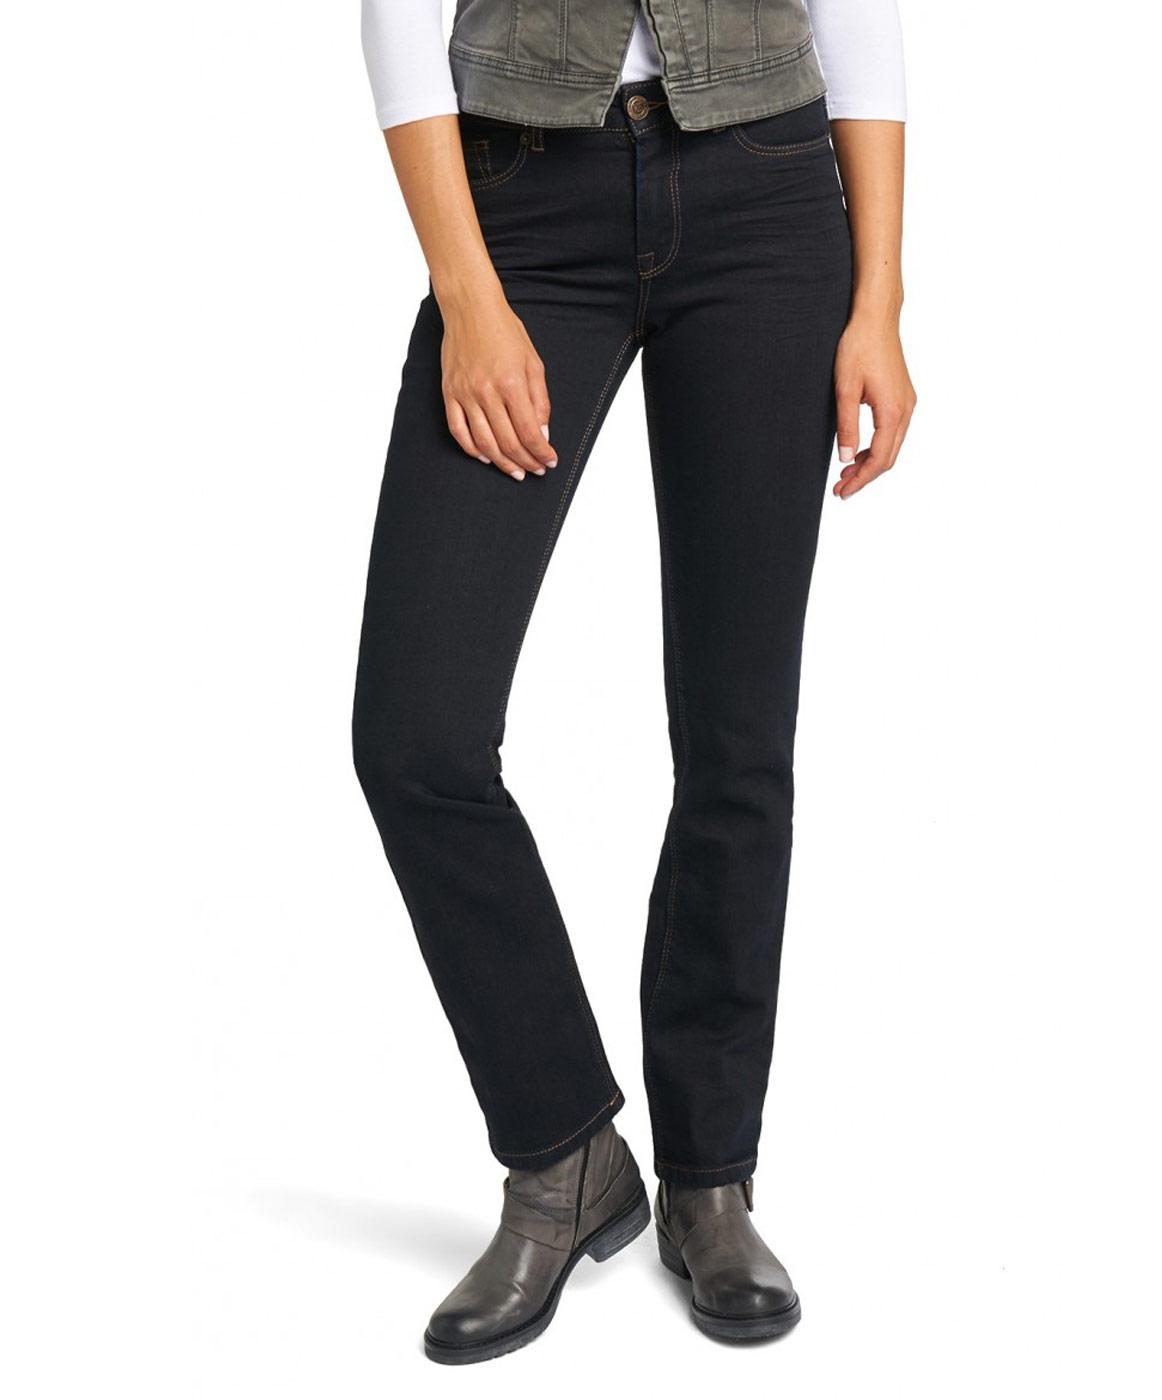 Hosen für Frauen - His Madison Jeans Slim Fit Dark Tinted  - Onlineshop Jeans Meile